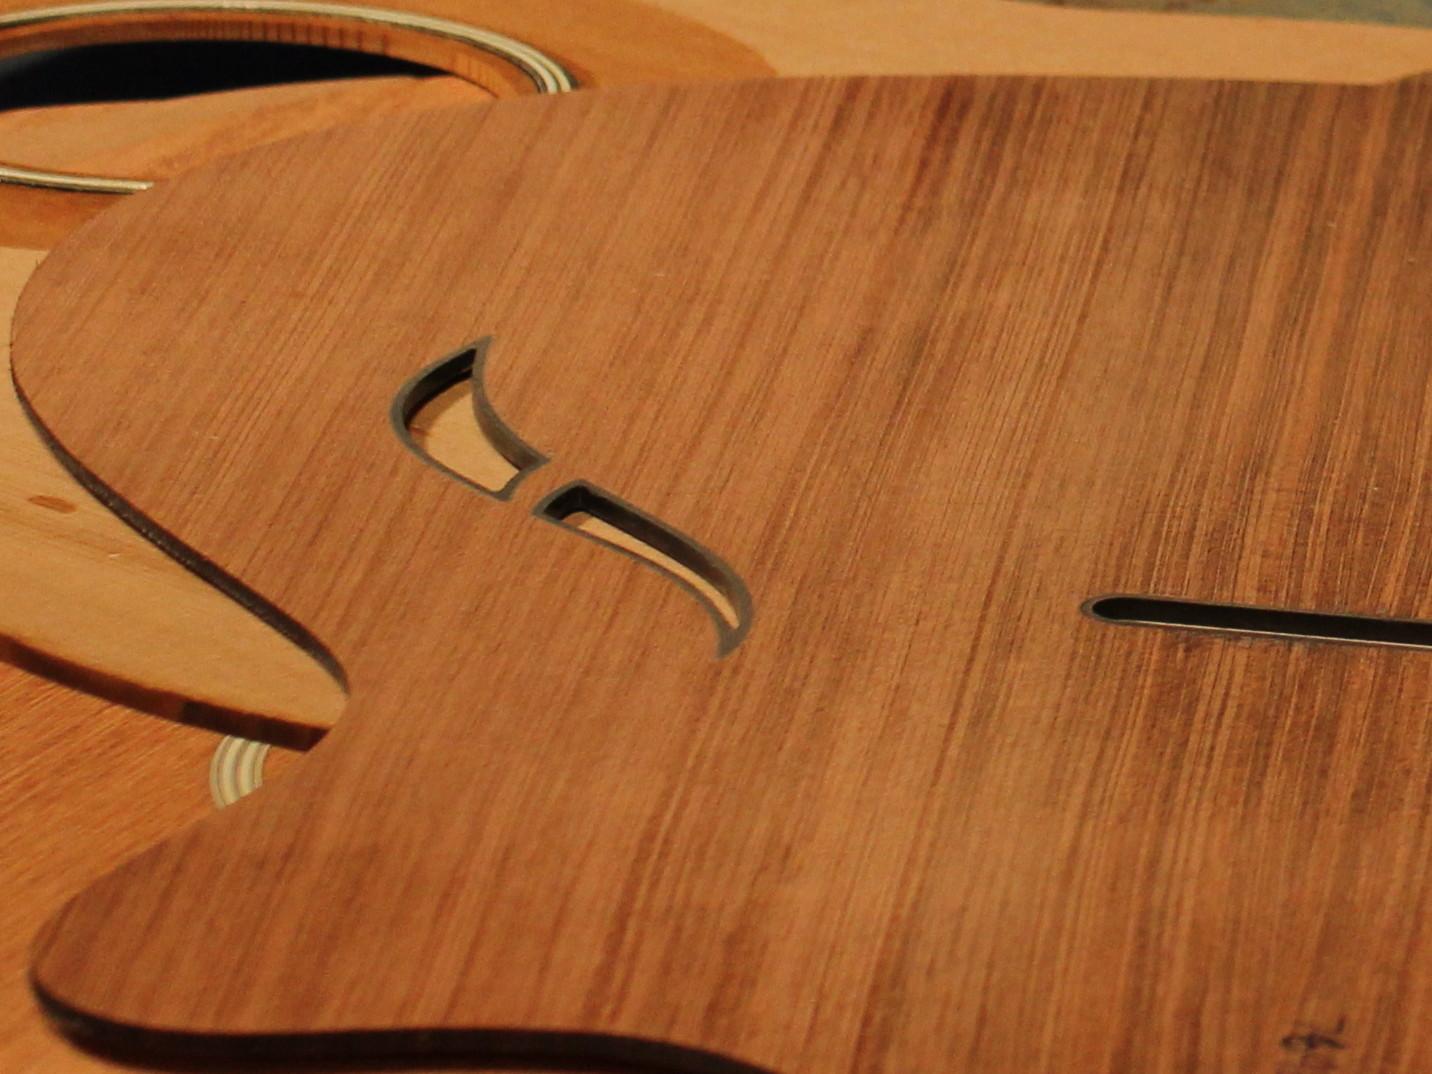 2014_06_23_San Diego_Taylor Guitars_1980 Gillespie Way, El Cajon, CA_D5__010_02.jpg